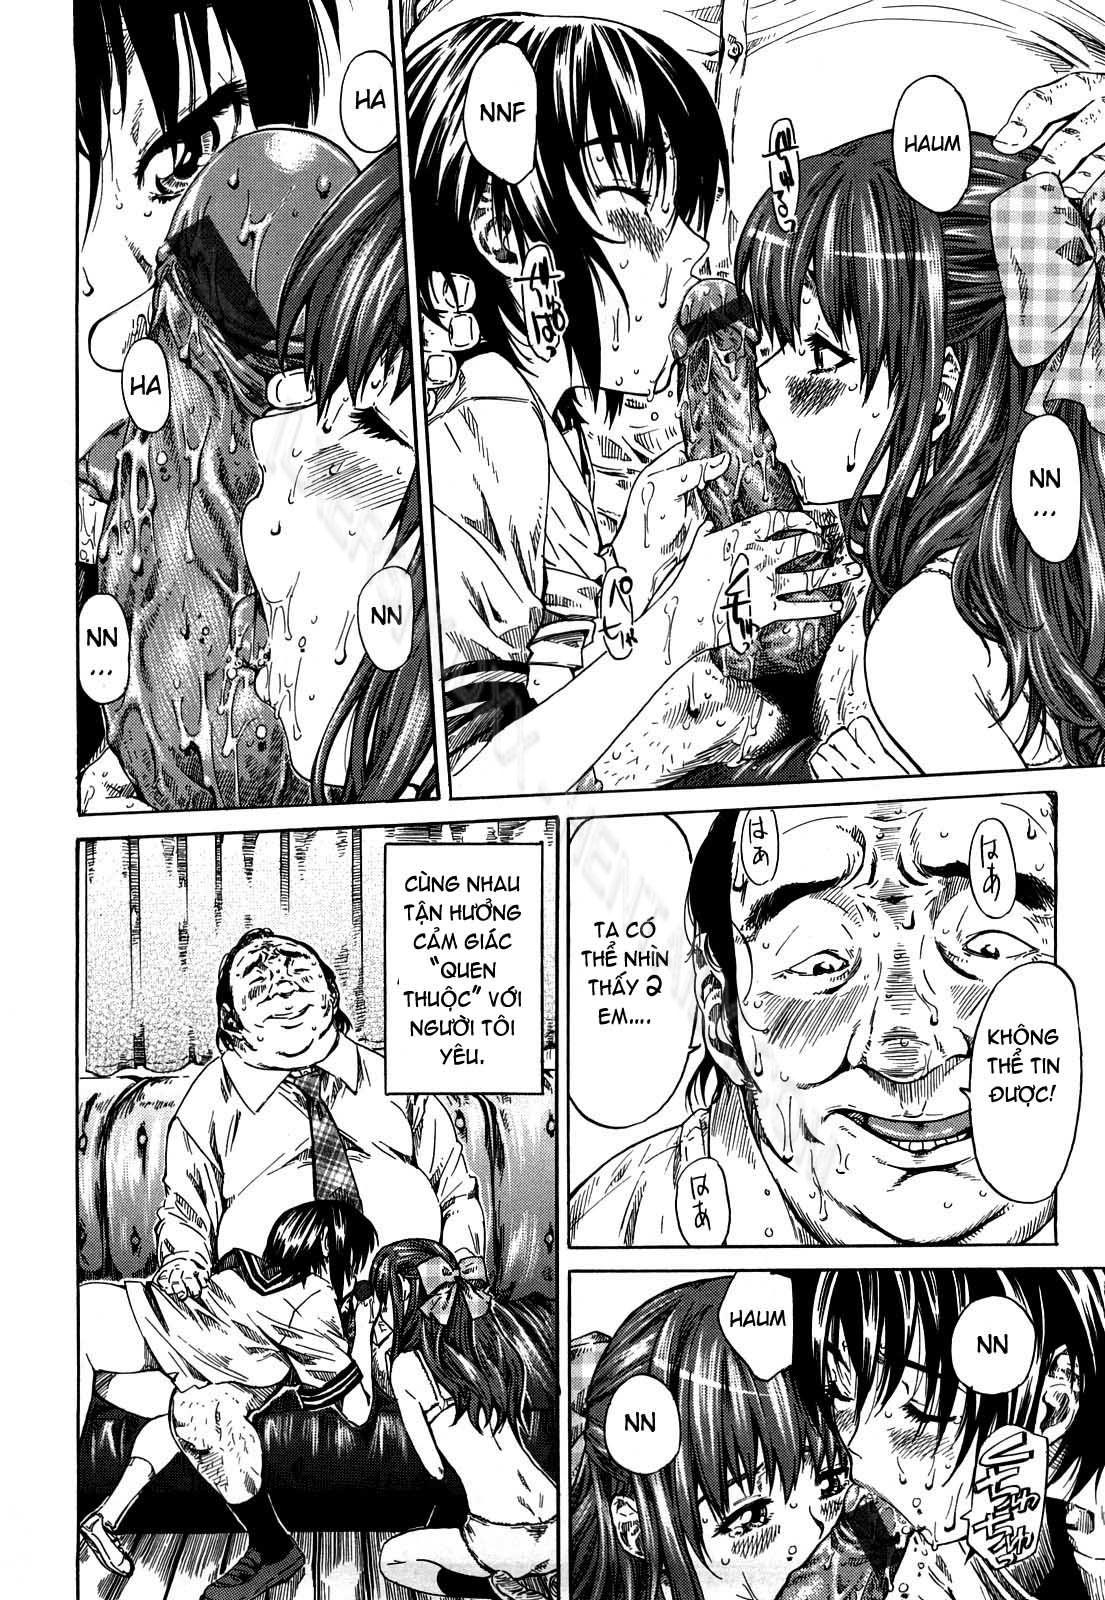 Hình ảnh 116kanojo ga koibito wo suki trong bài viết Hãy thức tỉnh thú tính dâm dục trong em